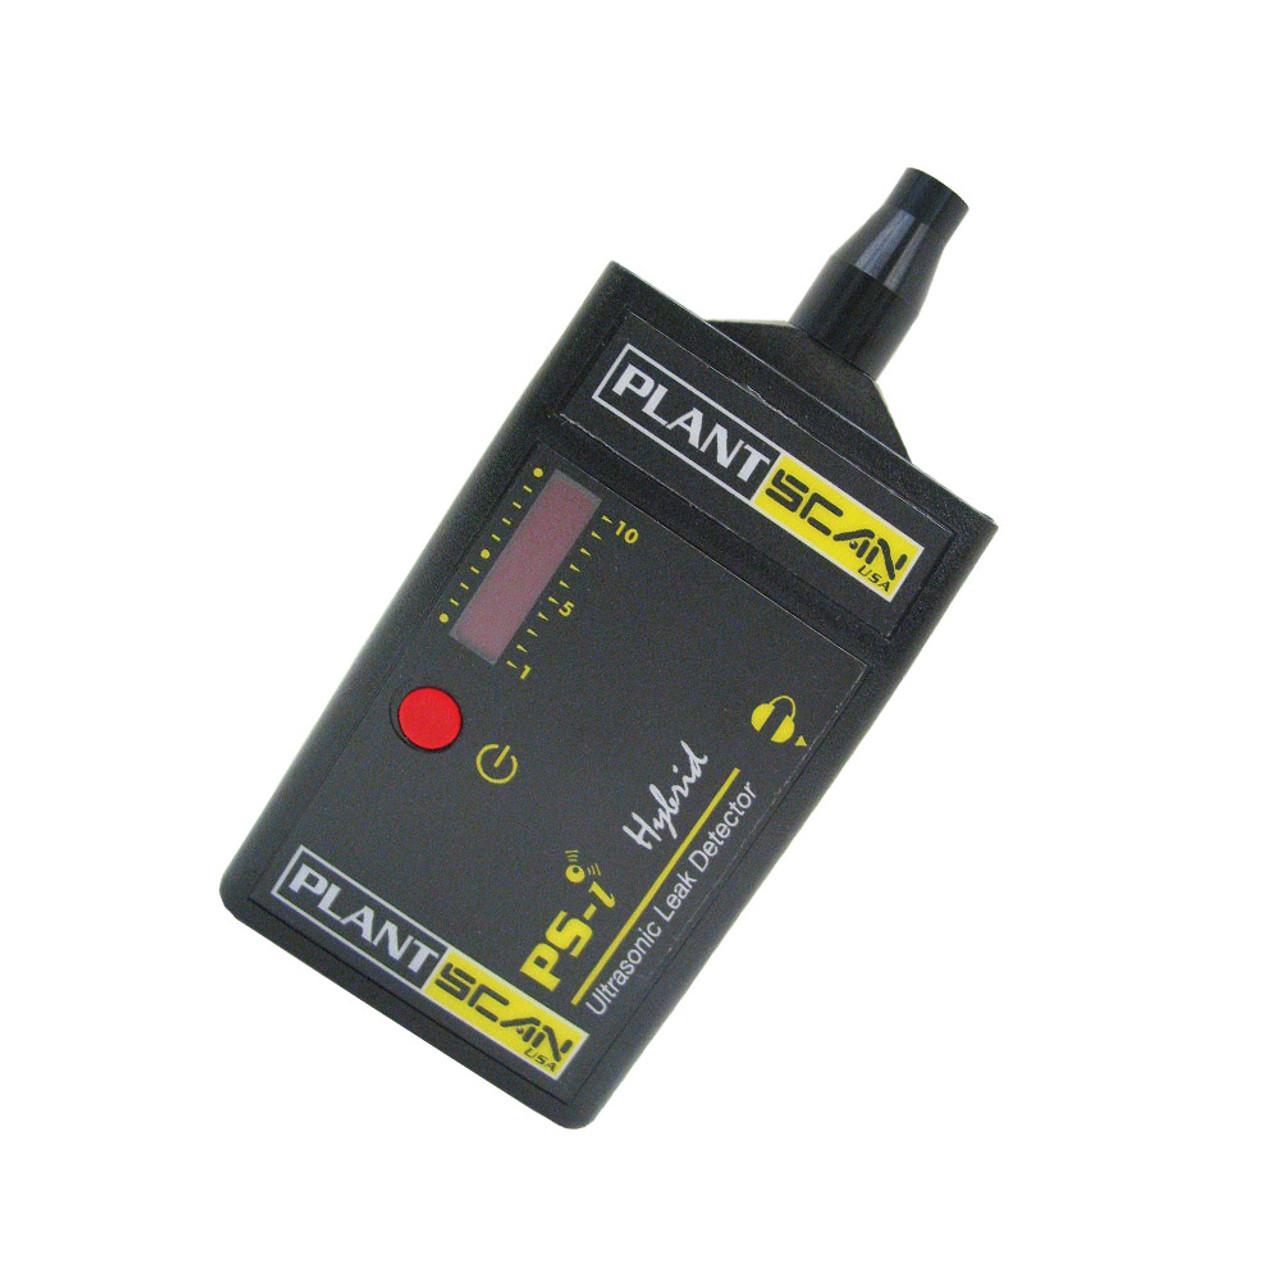 Ps-i Kit - Ultrasonic Leak Detector